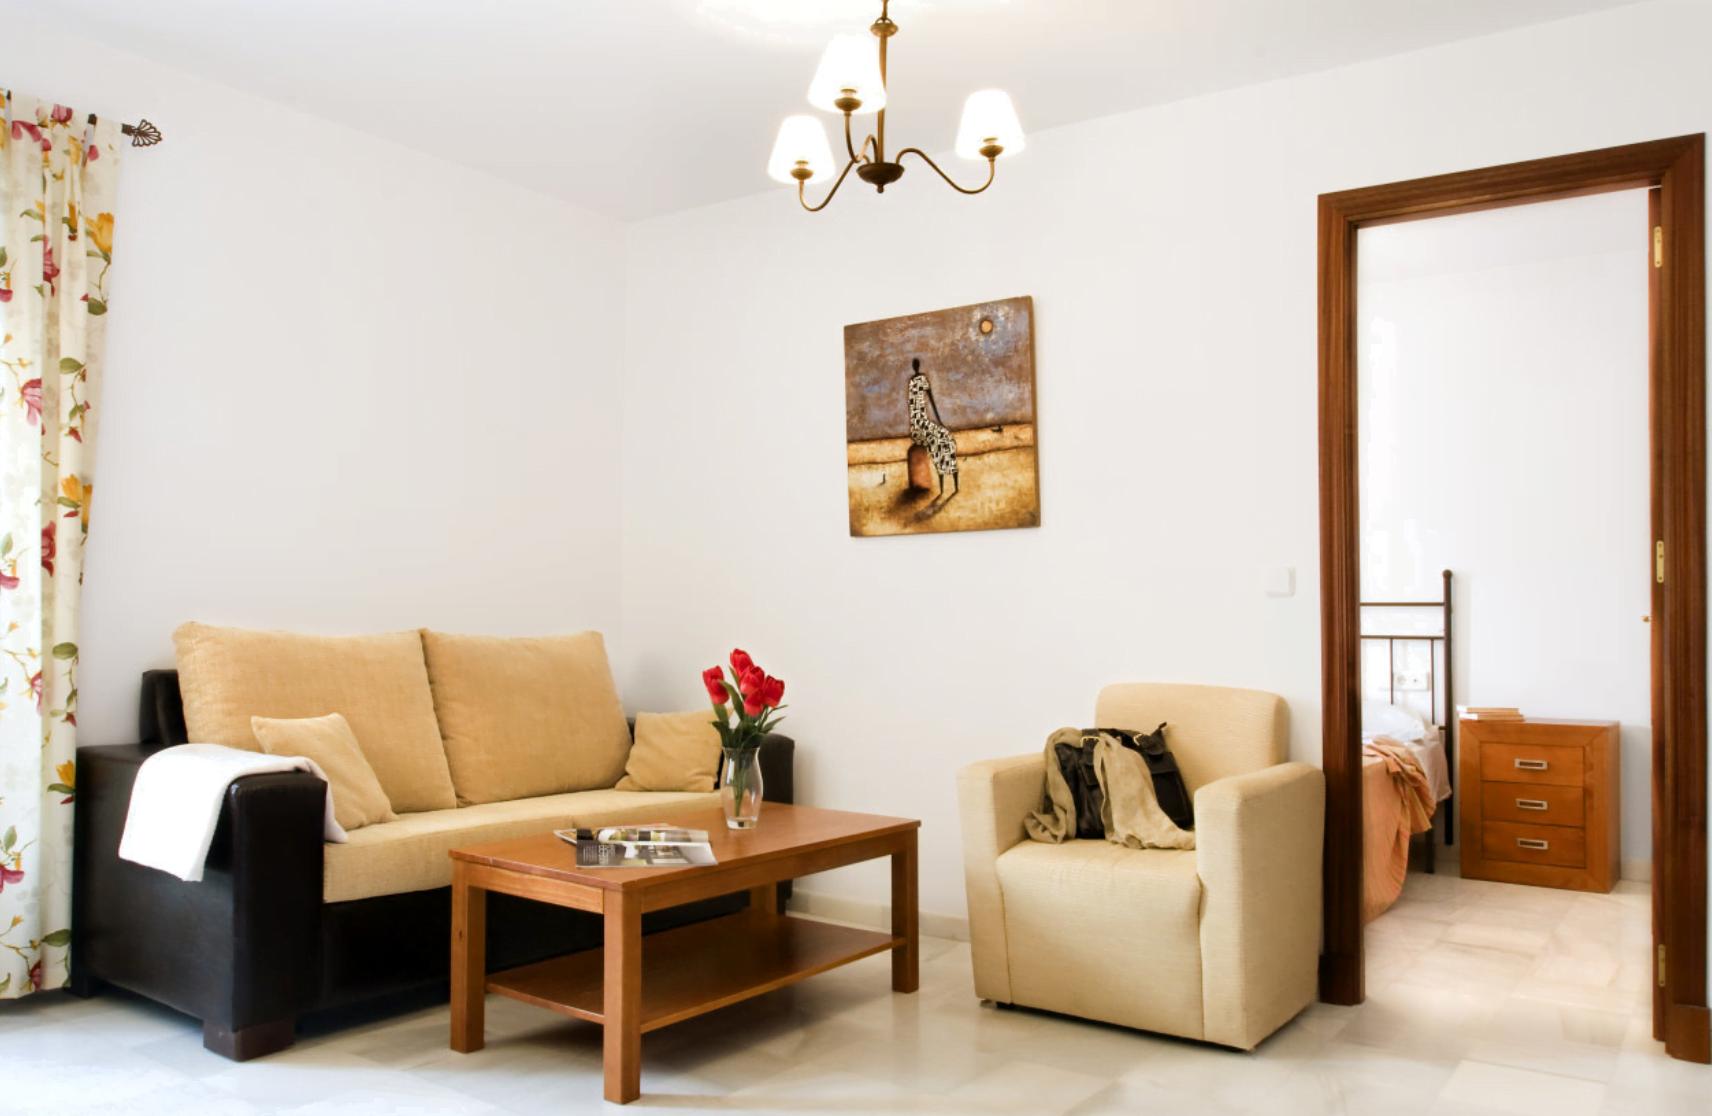 Alquiler para expats cerca de Cádiz